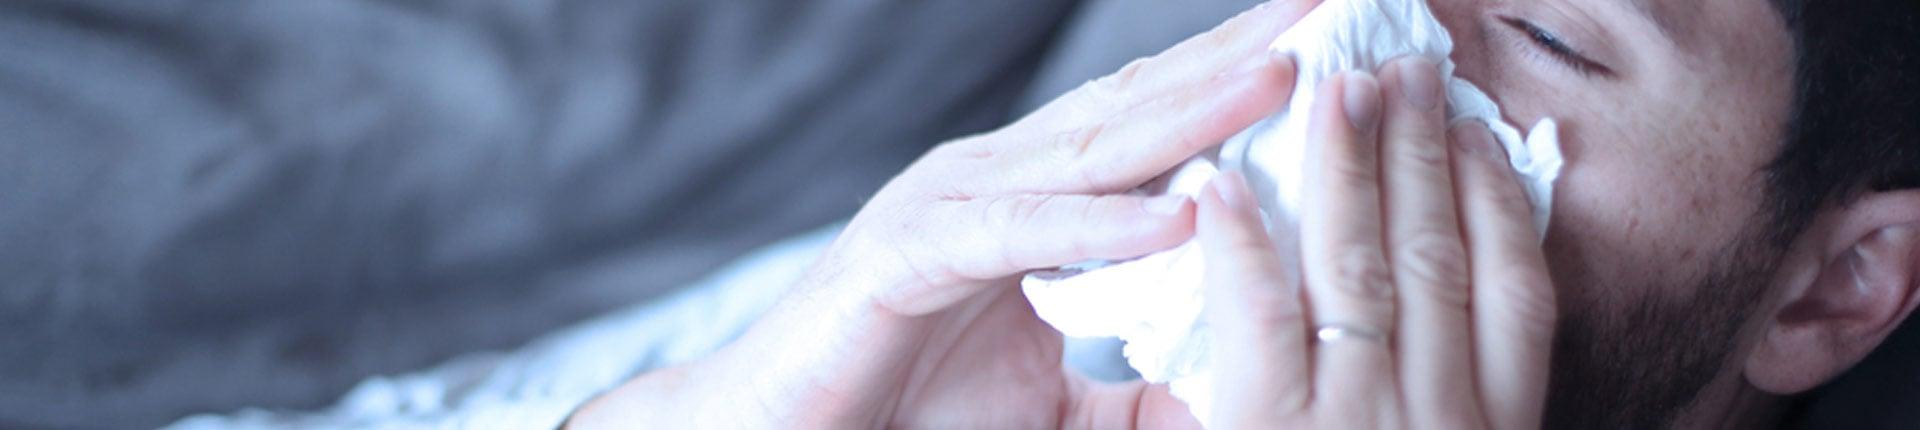 Grypa - rodzaje, objawy, leczenie. Co warto wiedzieć o grypie?